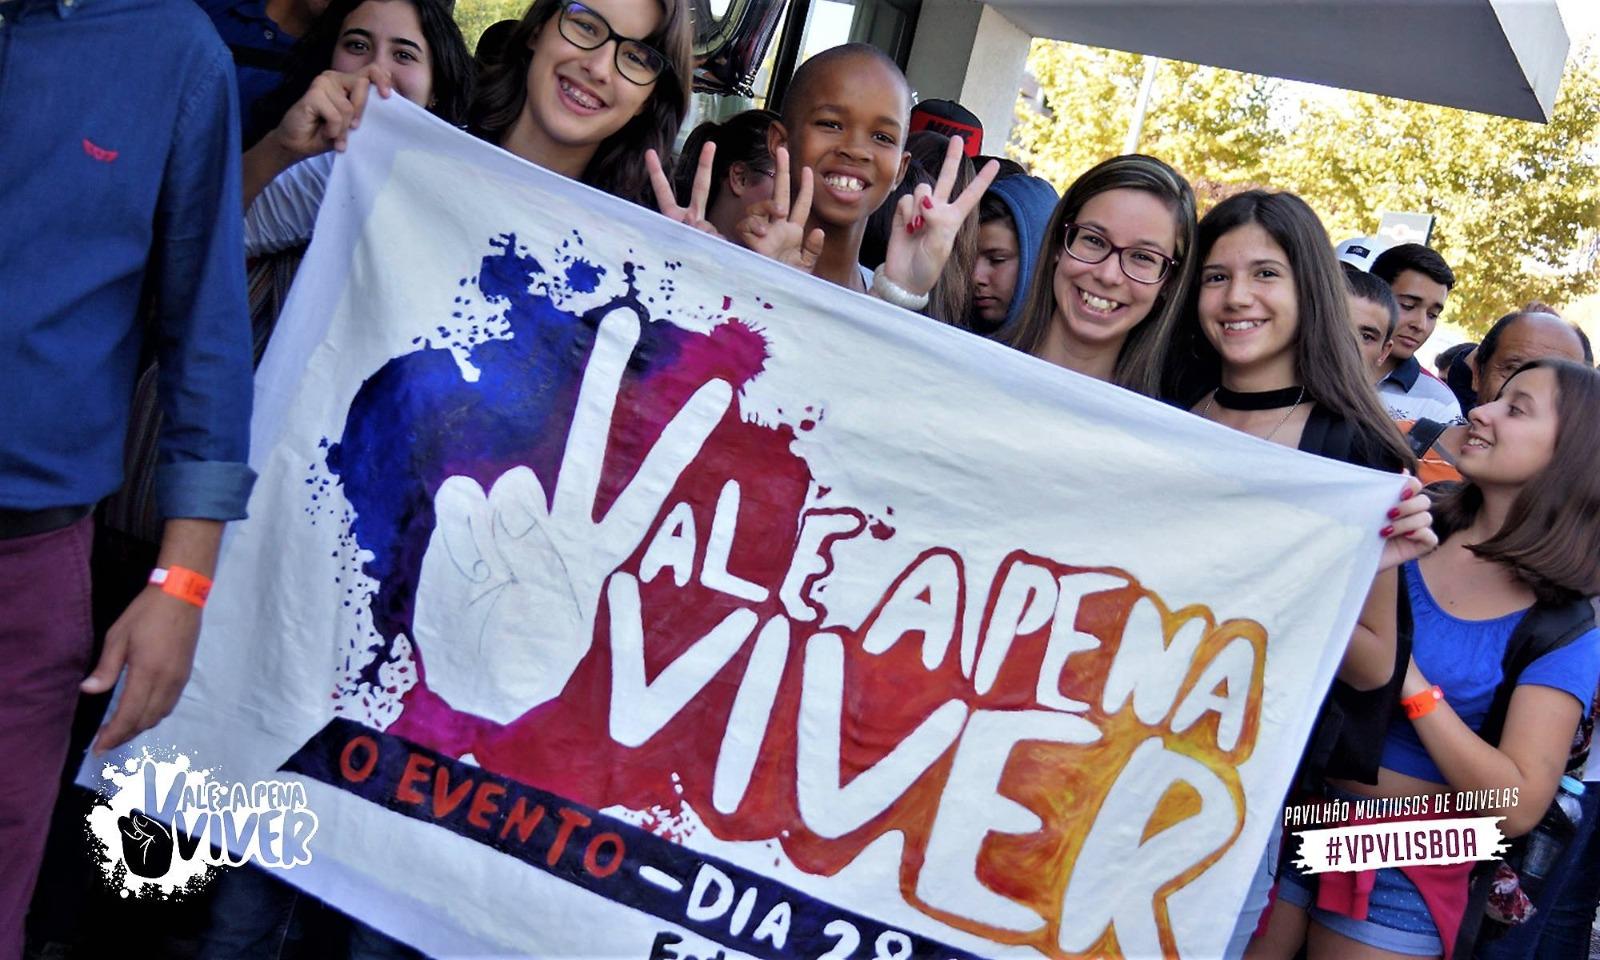 Juventude portuguesa em prol da vida3 min read